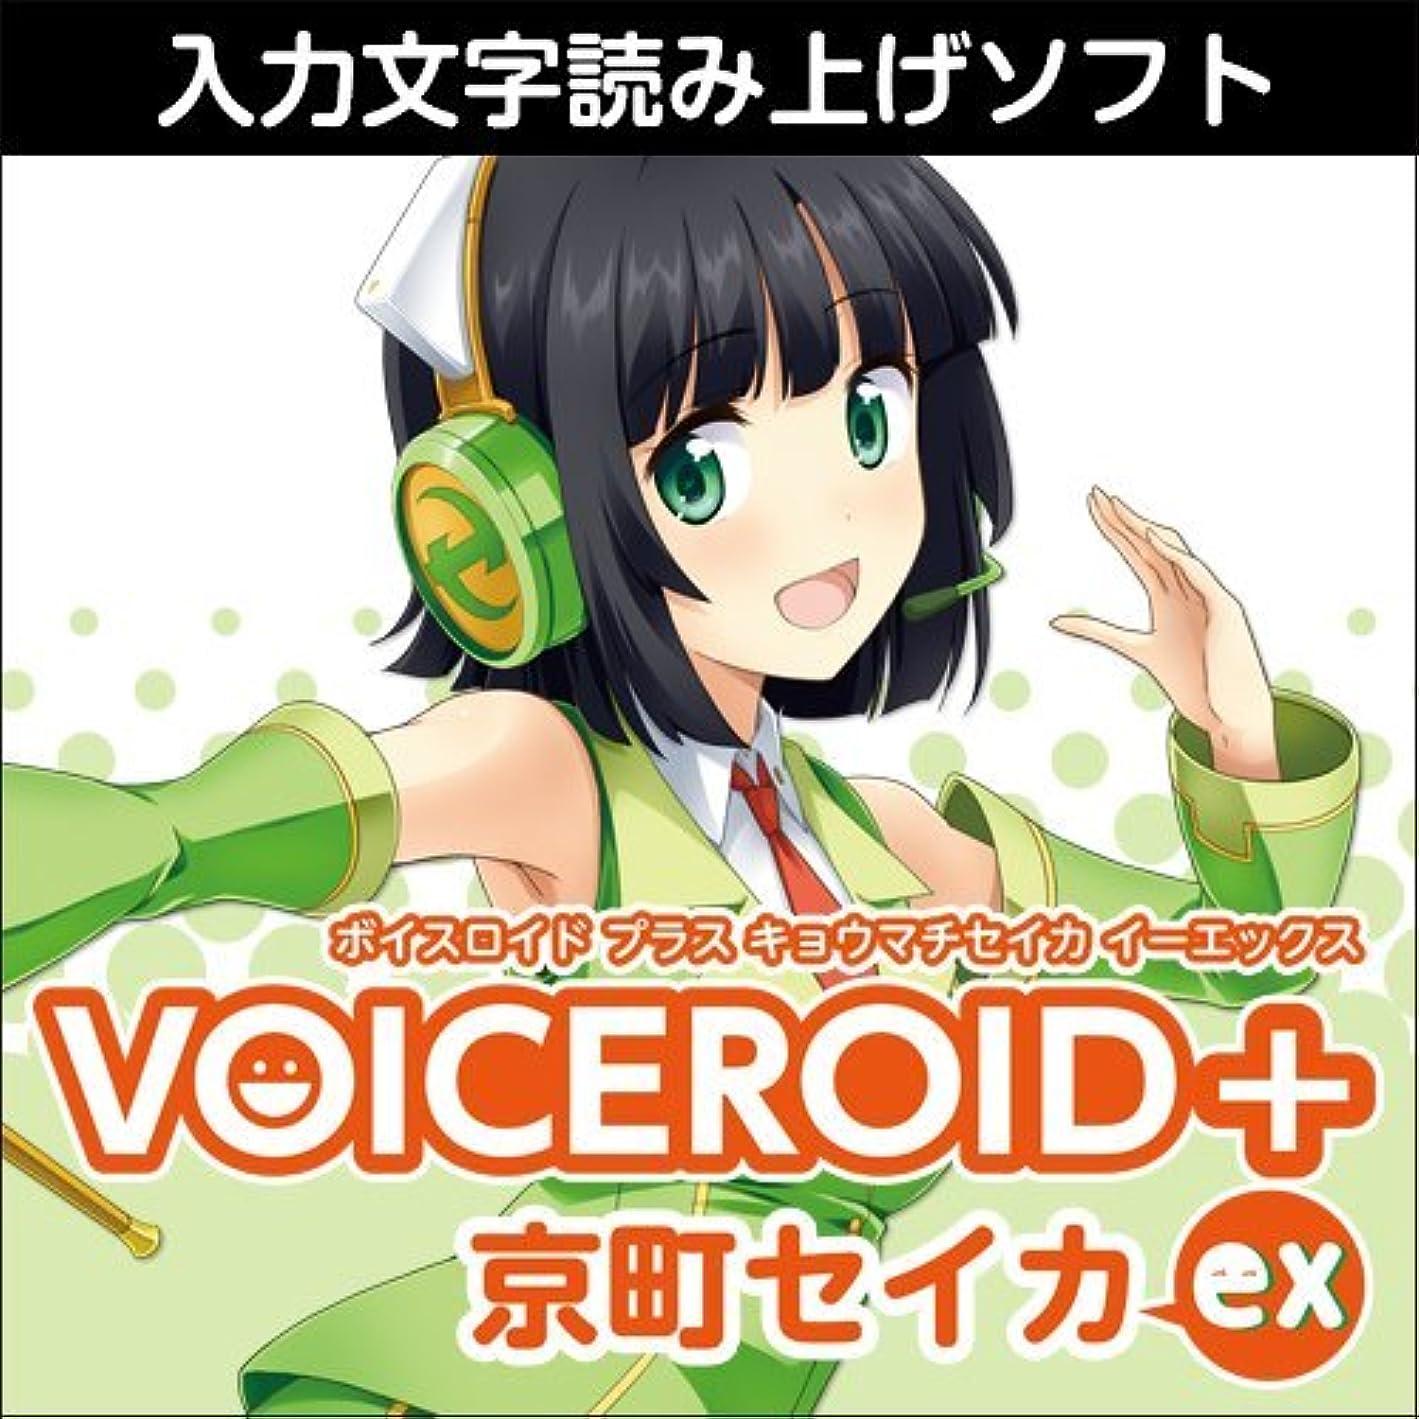 雪だるま玉力強いVOICEROID+ 京町セイカ EX|ダウンロード版